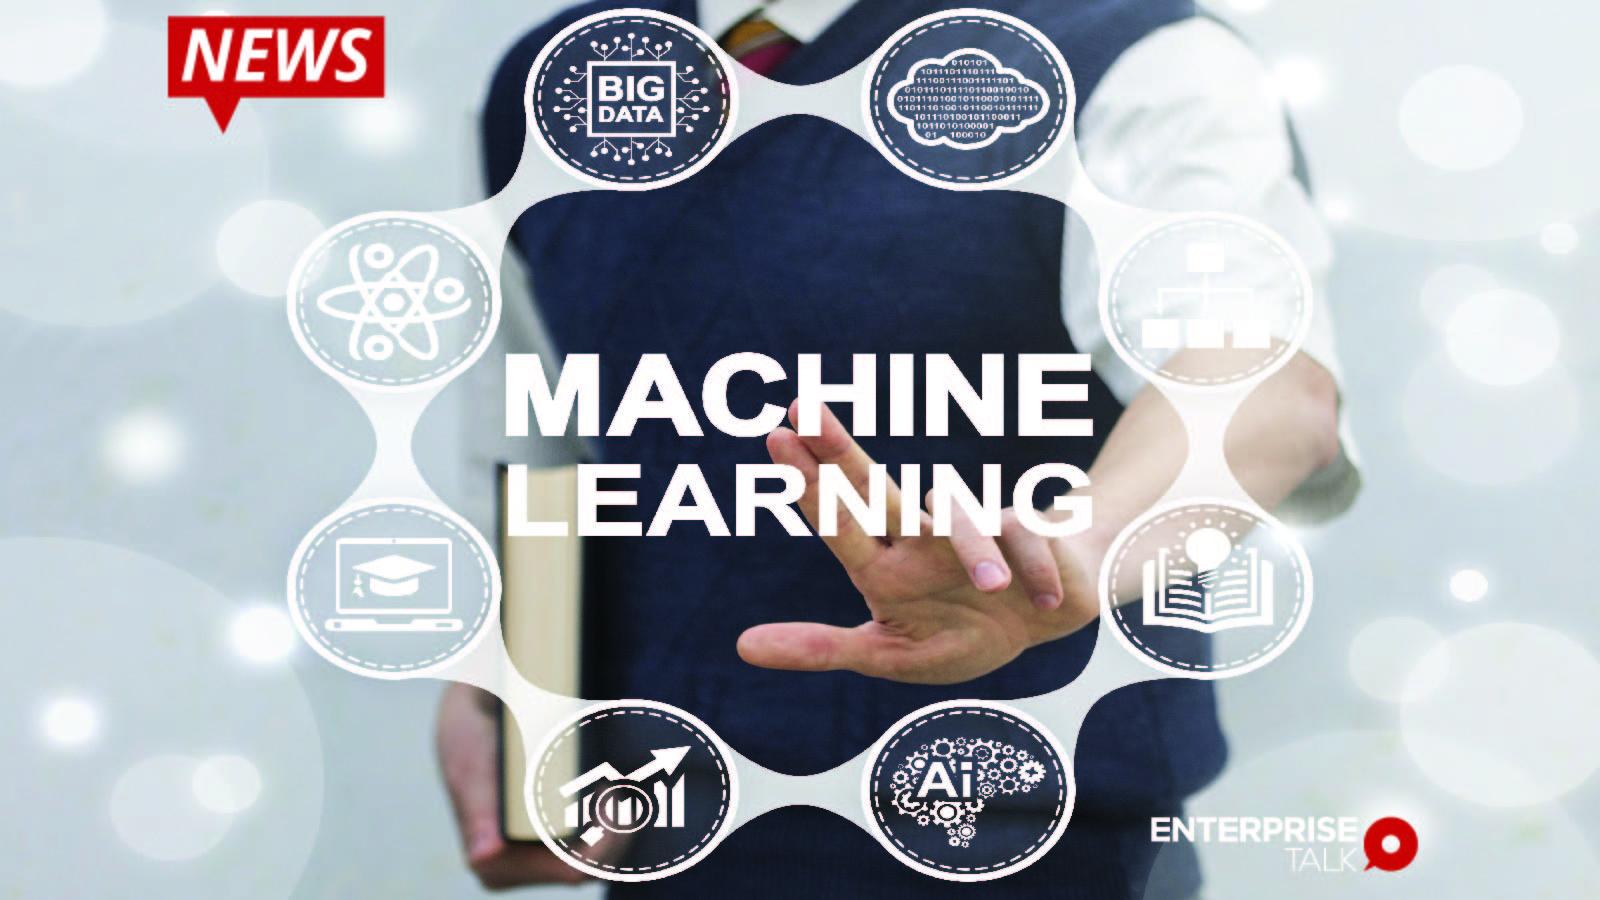 Impetus StreamAnalytix, Cloud-based, ETL and Machine Learning